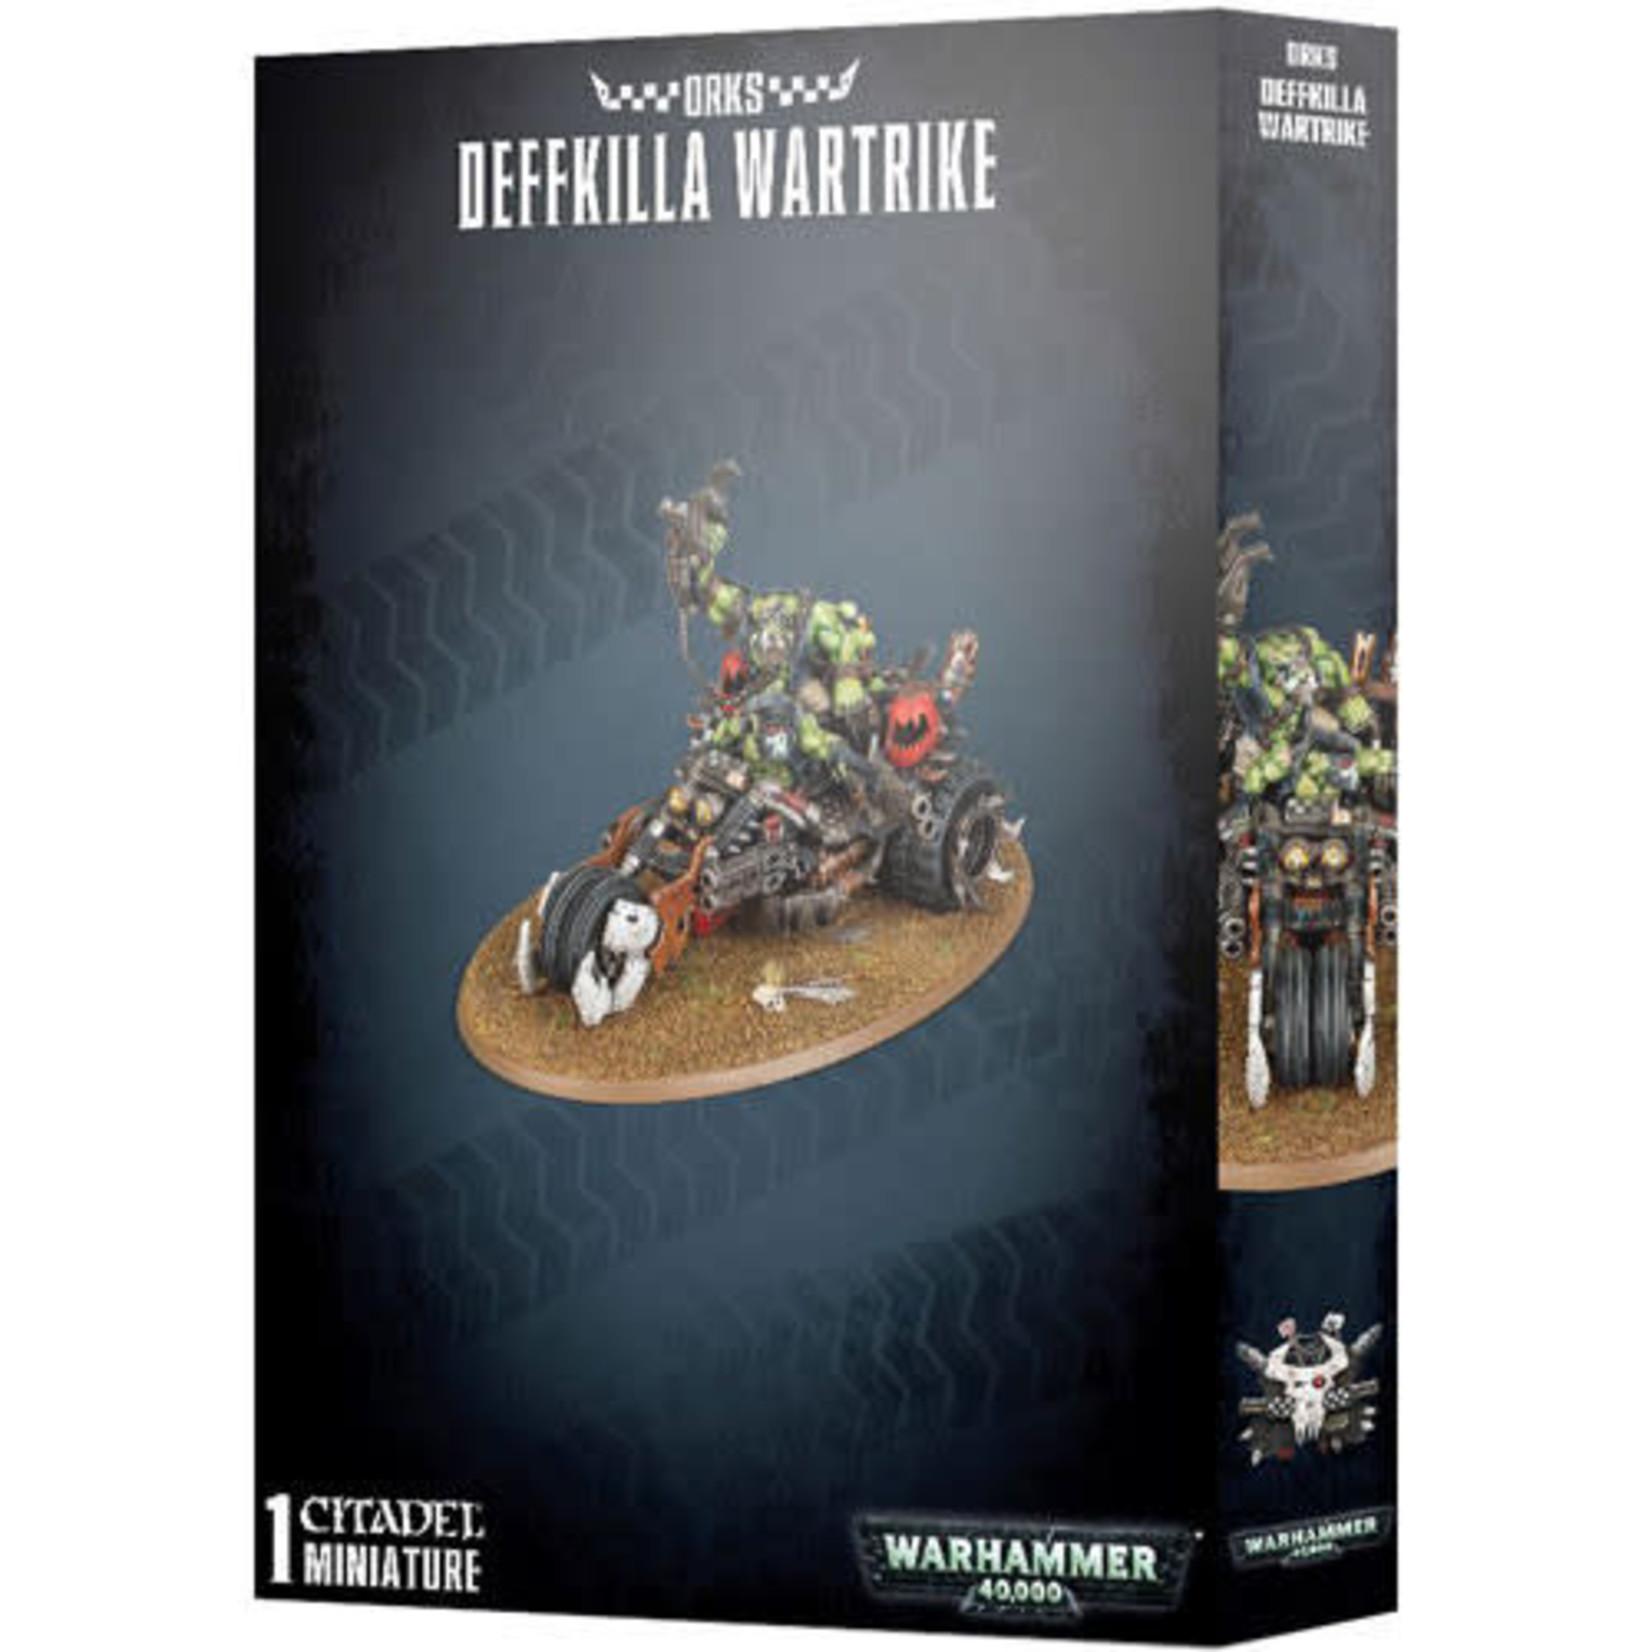 Orks Deffkilla Wartrike (40K)